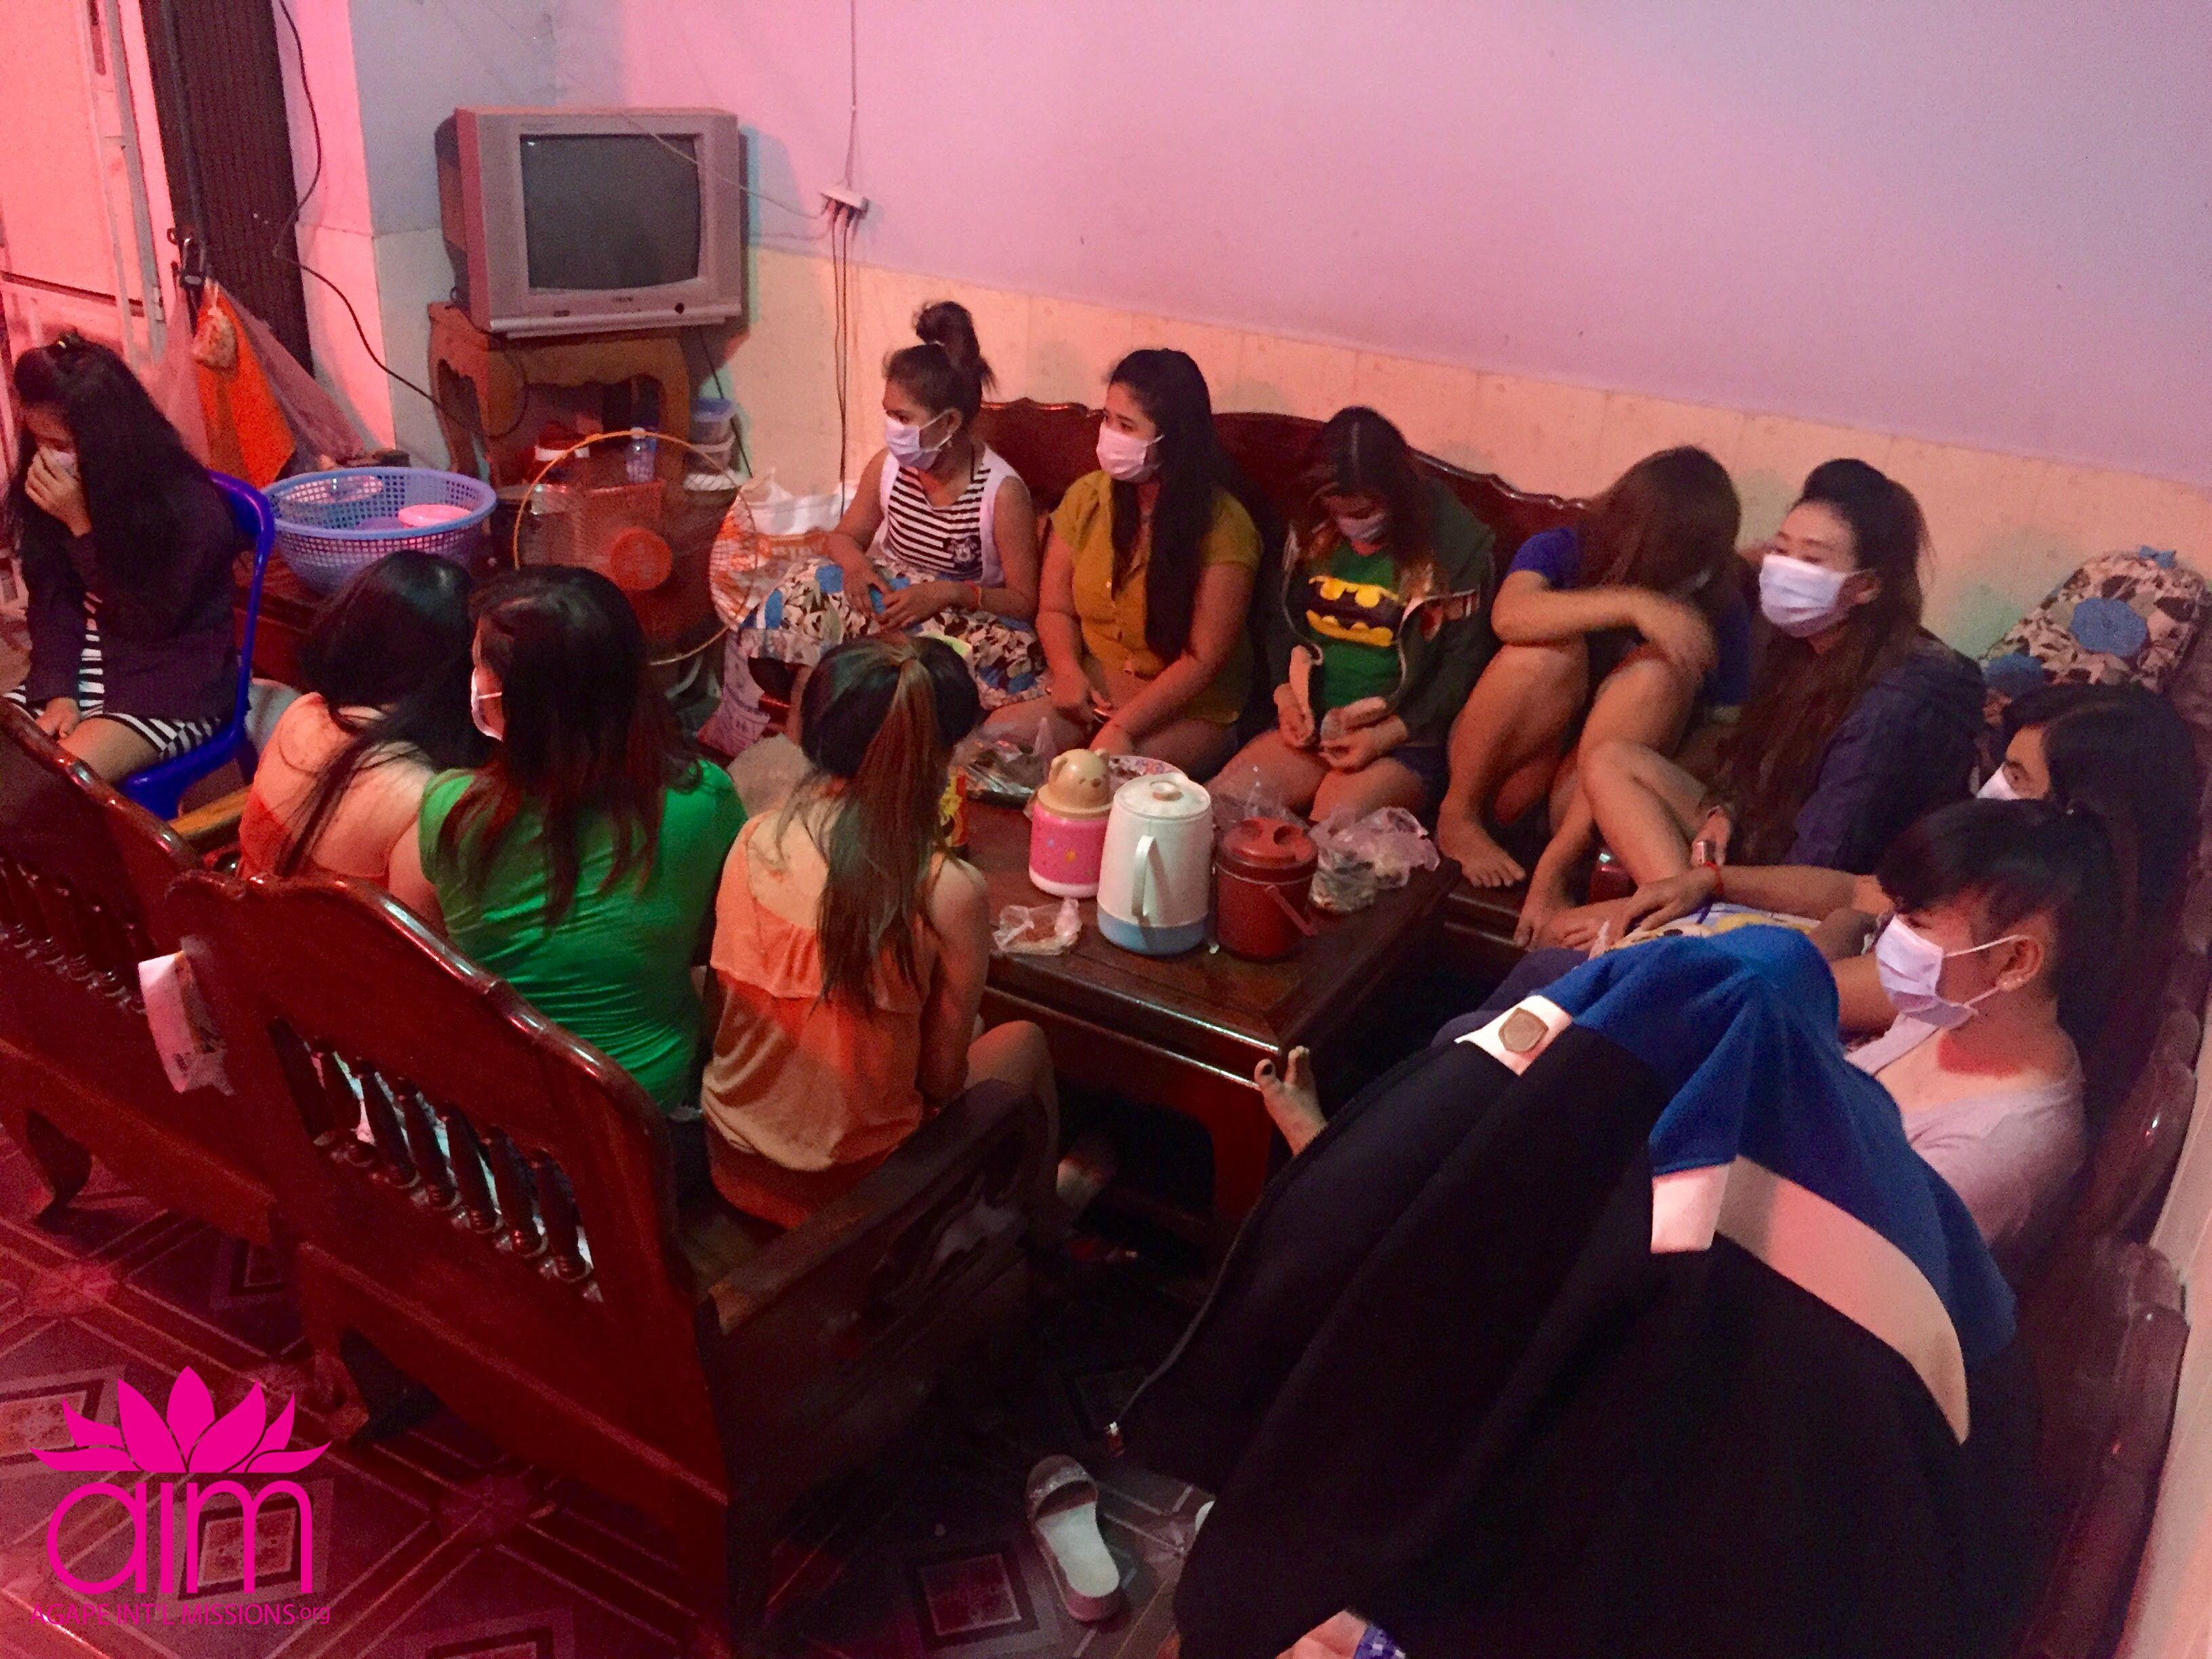 Whores Battambang